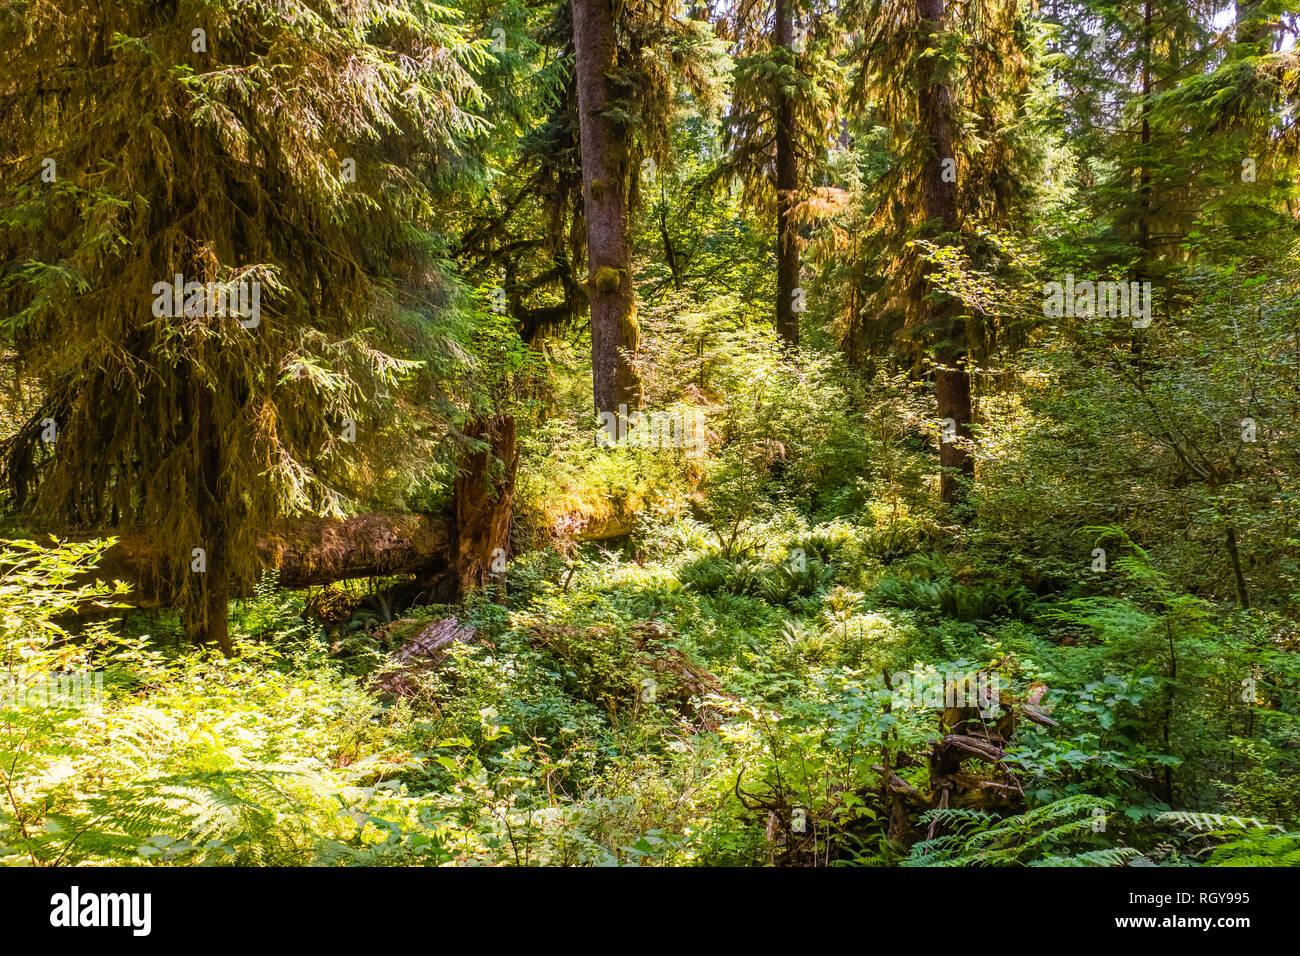 Hoh forêt dans la péninsule Olympique, dans l'état de Washington, USA Photo Stock